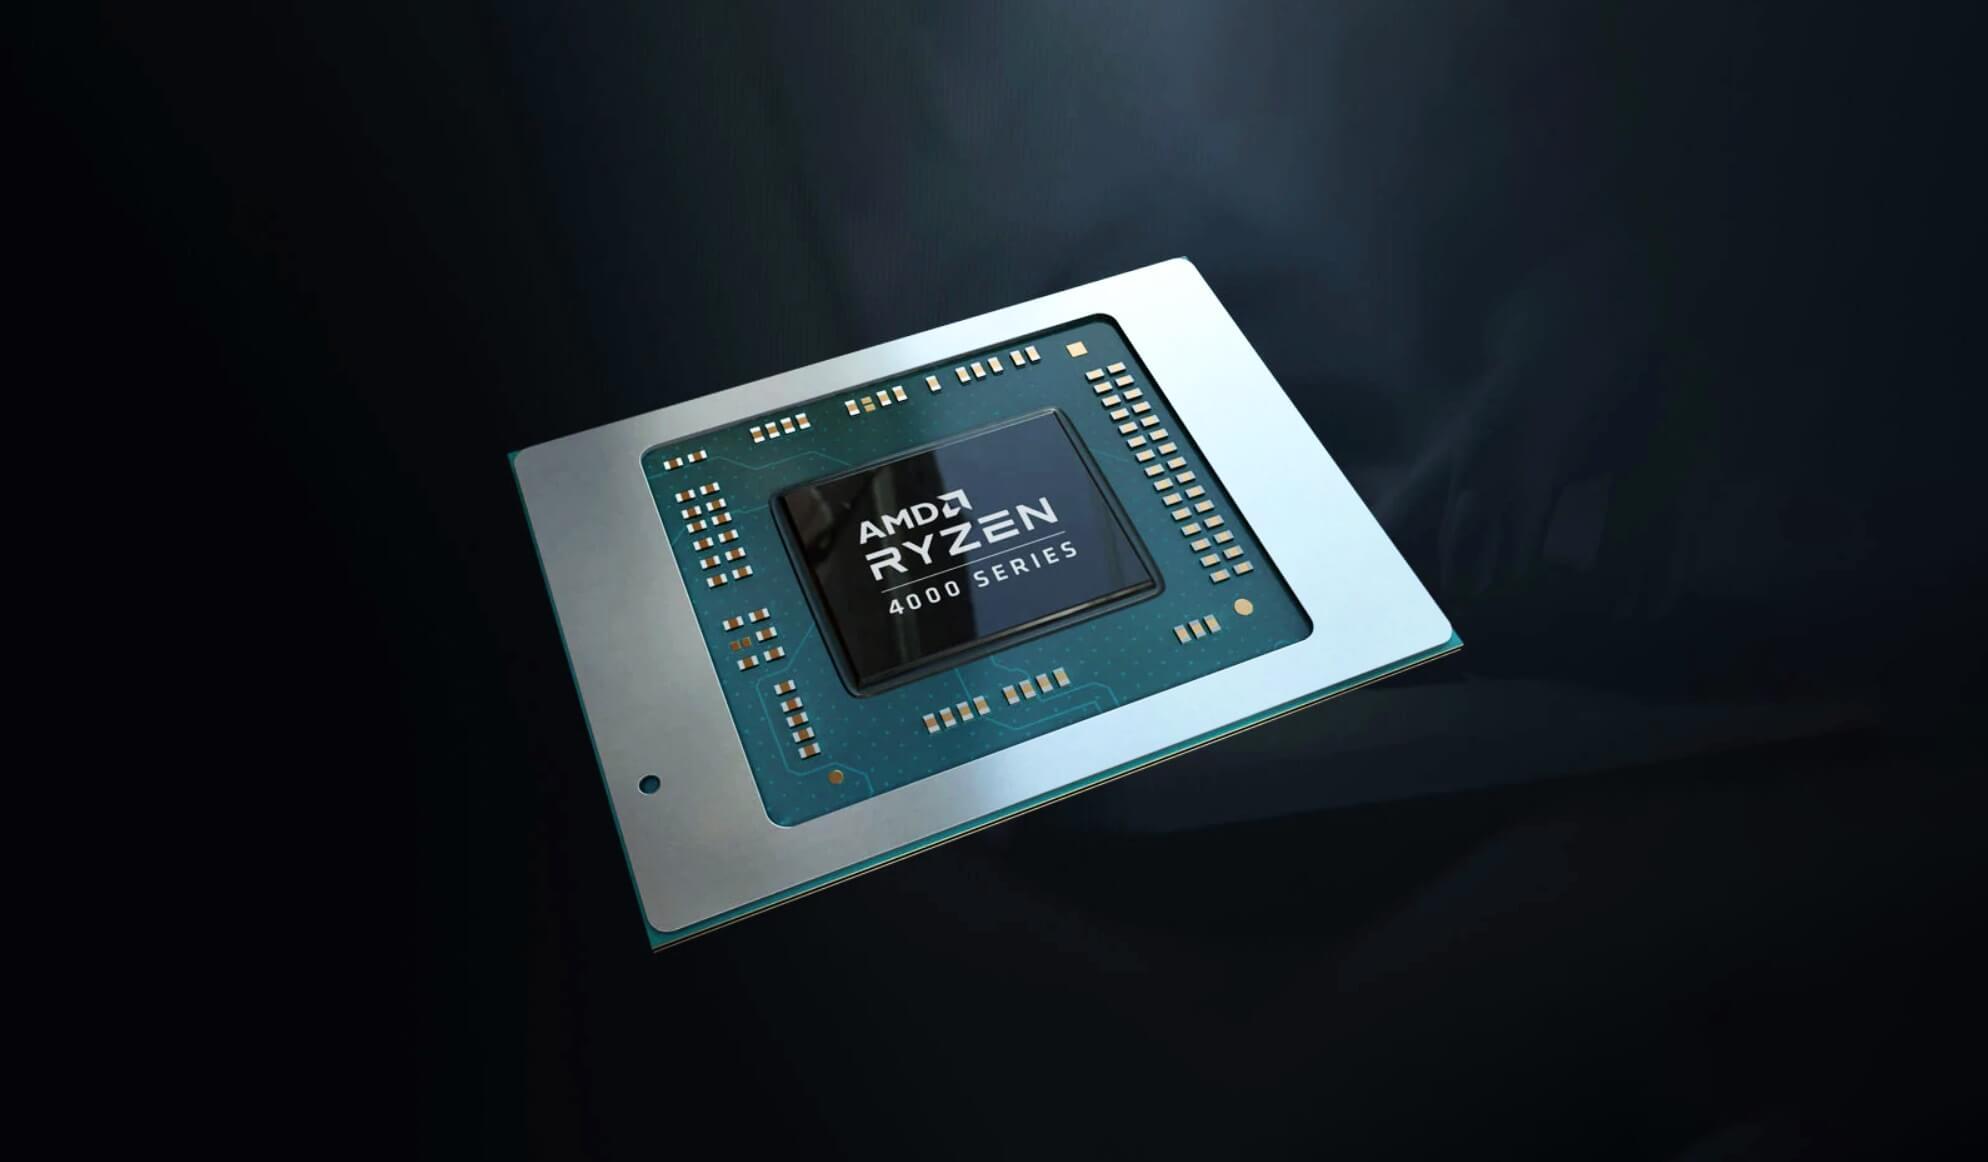 Amd Ryzen 7 4800h 8 Core Laptop Cpu Takes On Desktop Core I7 9700k